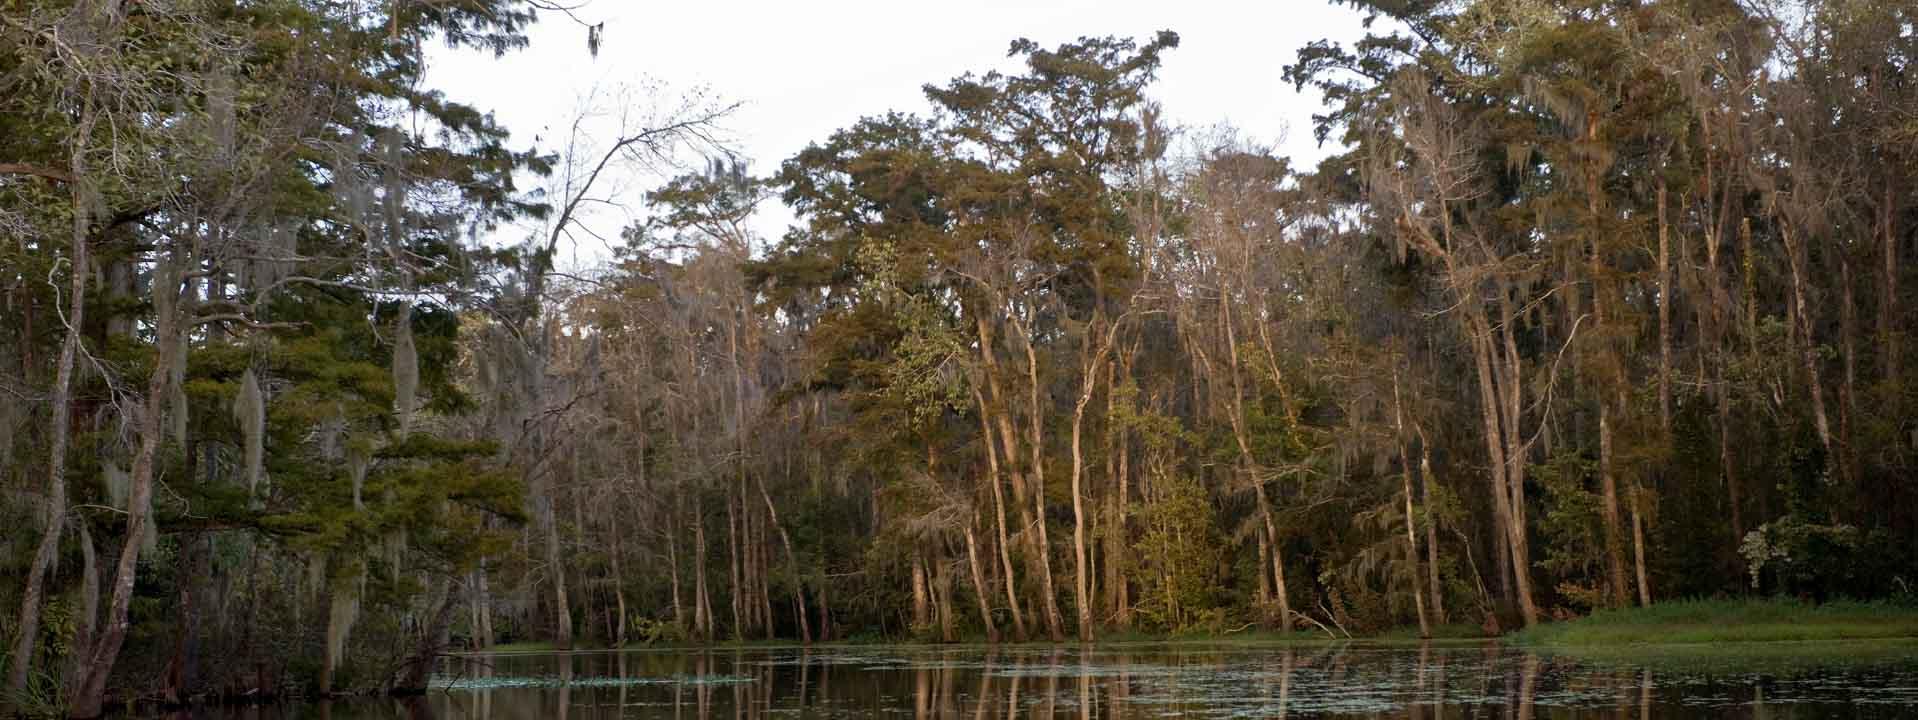 Cajun Bayou & Swamp Tour - New Orleans